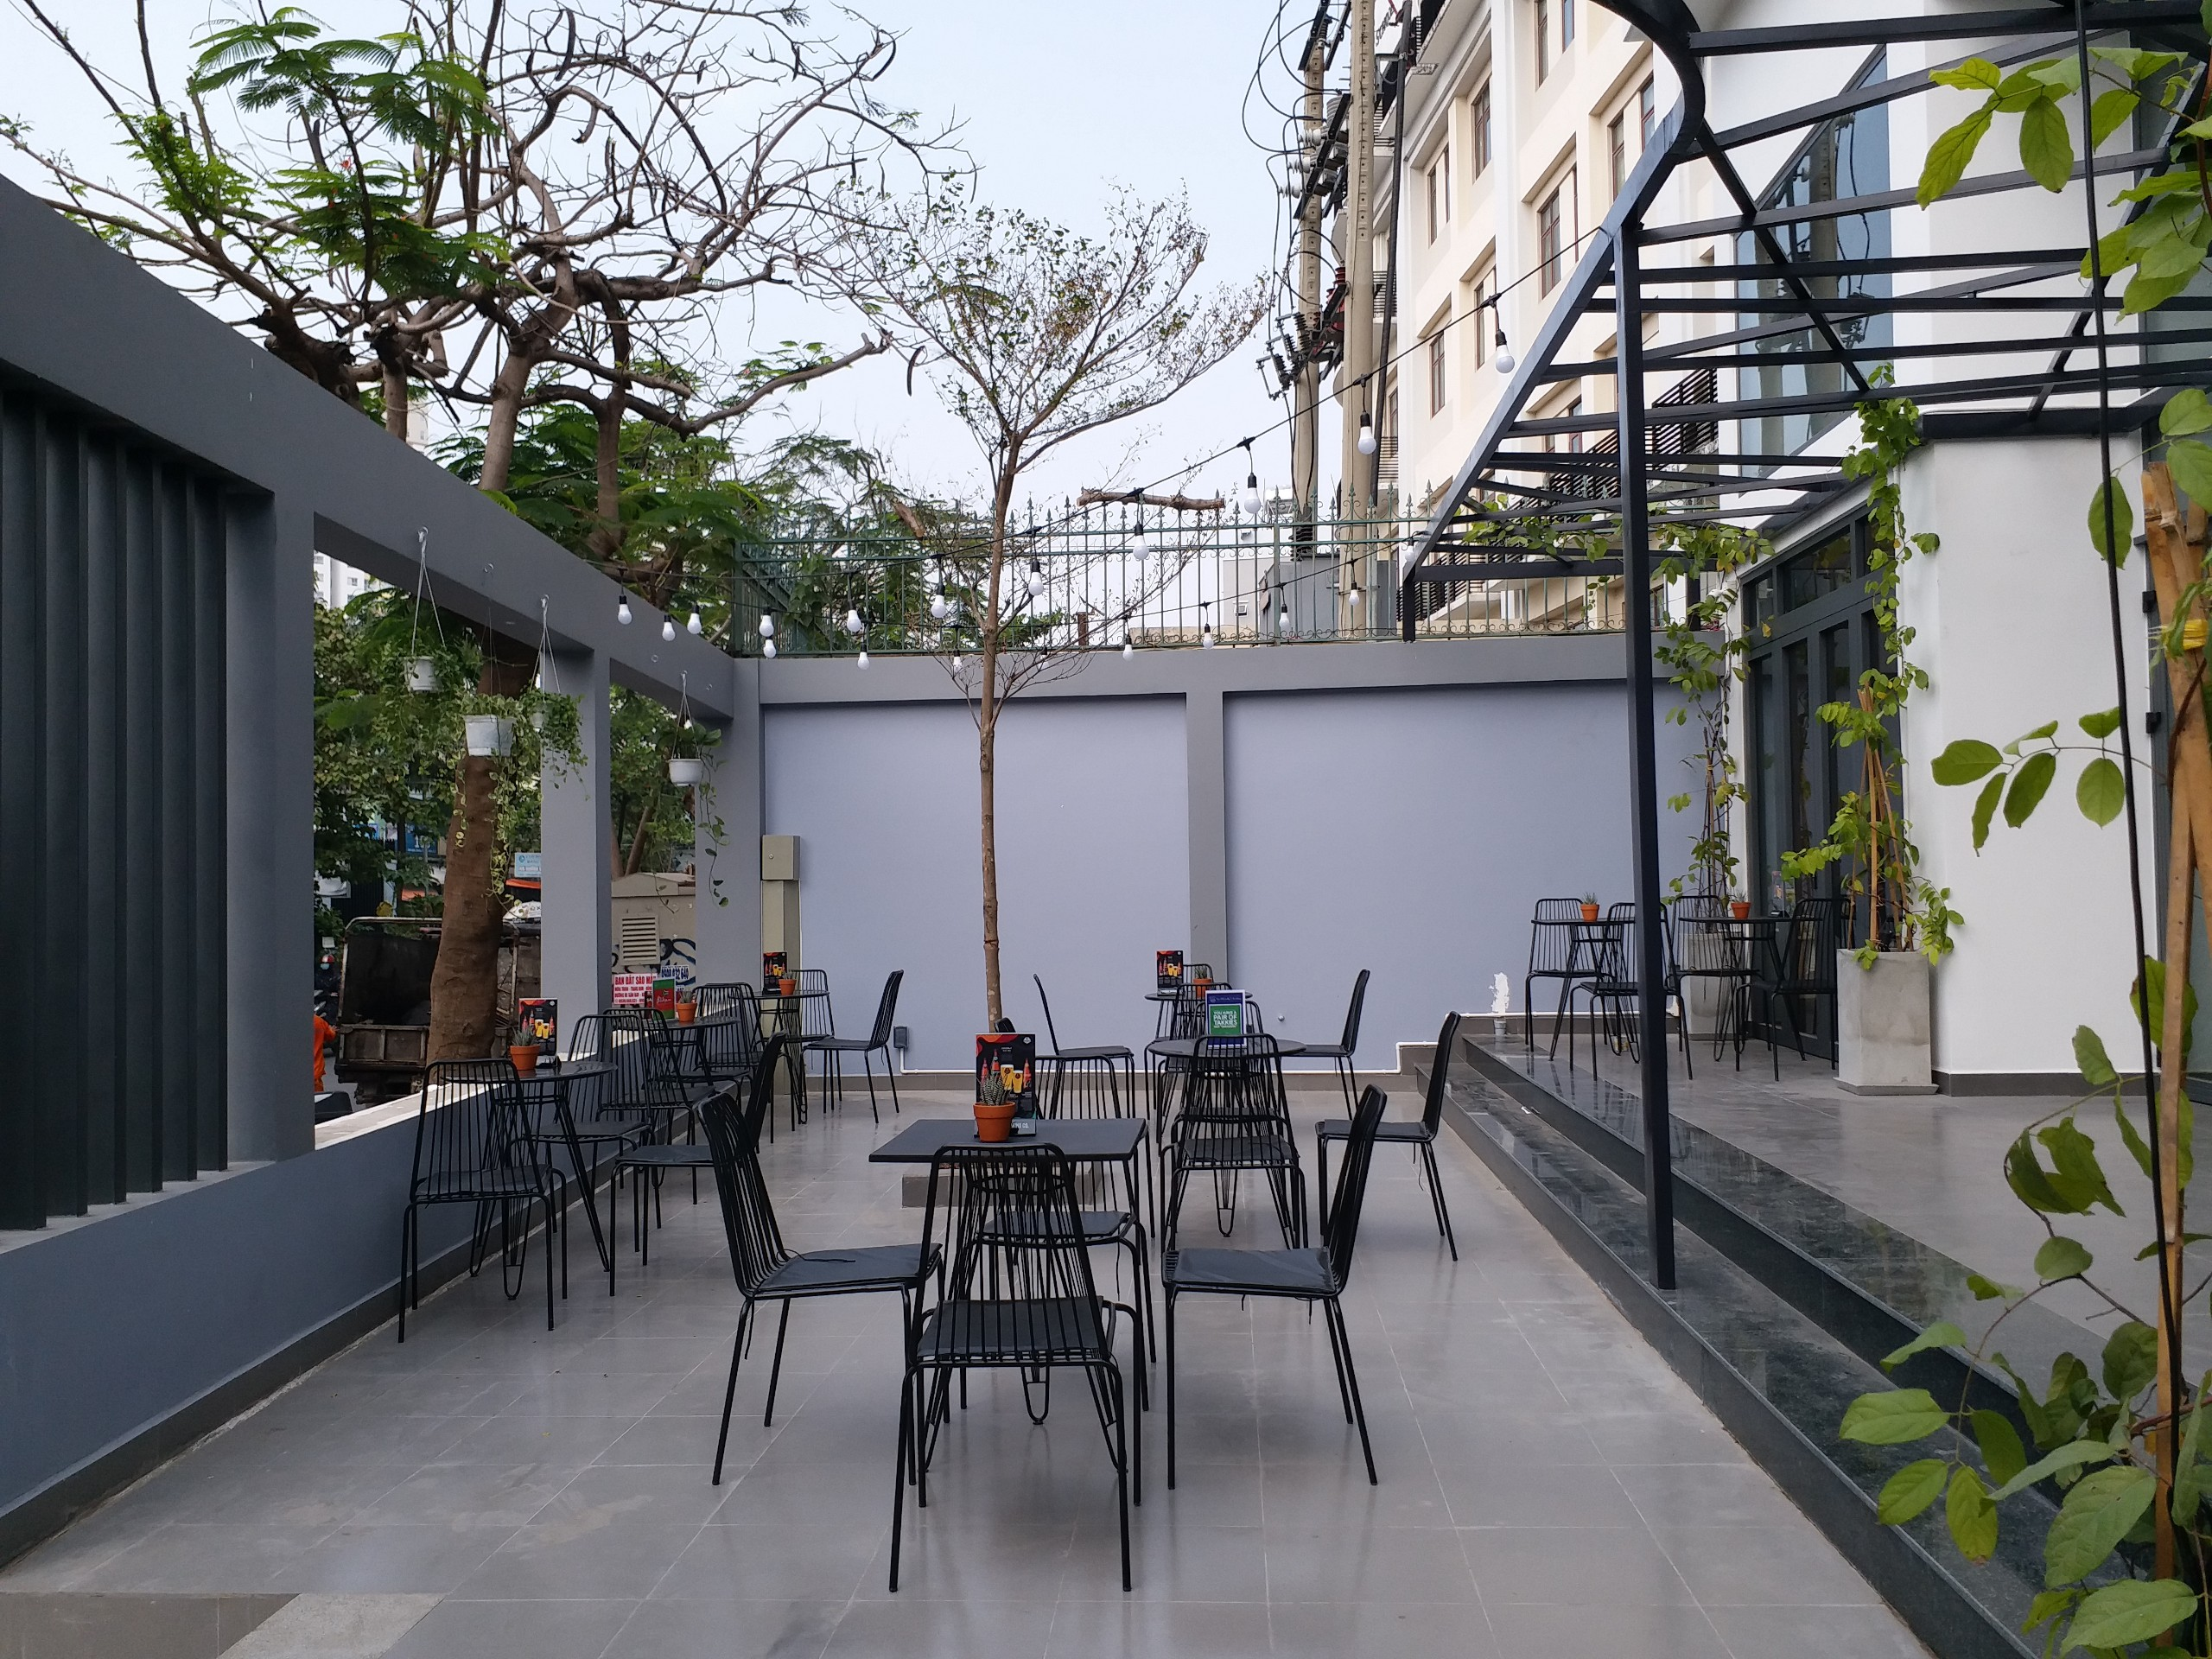 Cho Thuê Căn Hộ Dịch Vụ 1 PN Quoc Huong - Phòng Ngủ Đón Nắng -12